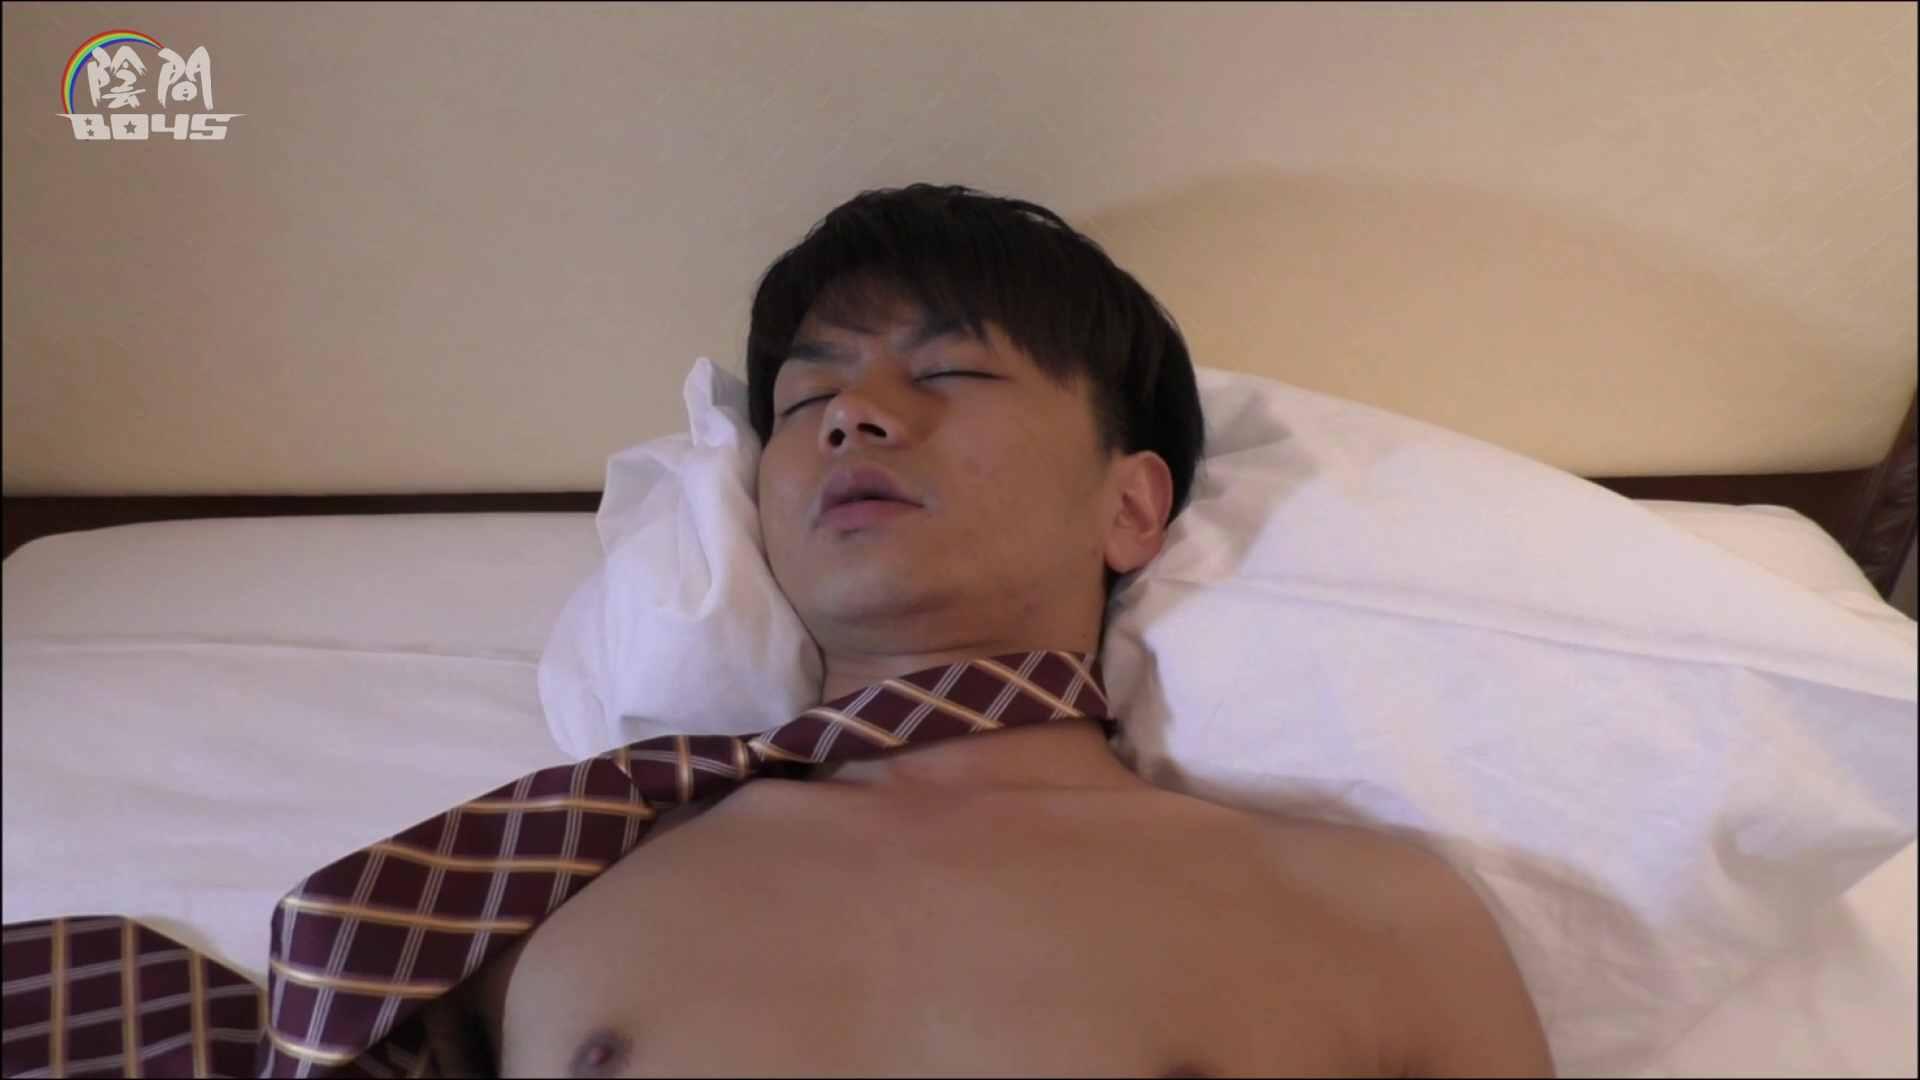 陰間BOYS~キャバクラの仕事はアナルから4 Vol.04 手淫 ゲイ丸見え画像 113枚 113